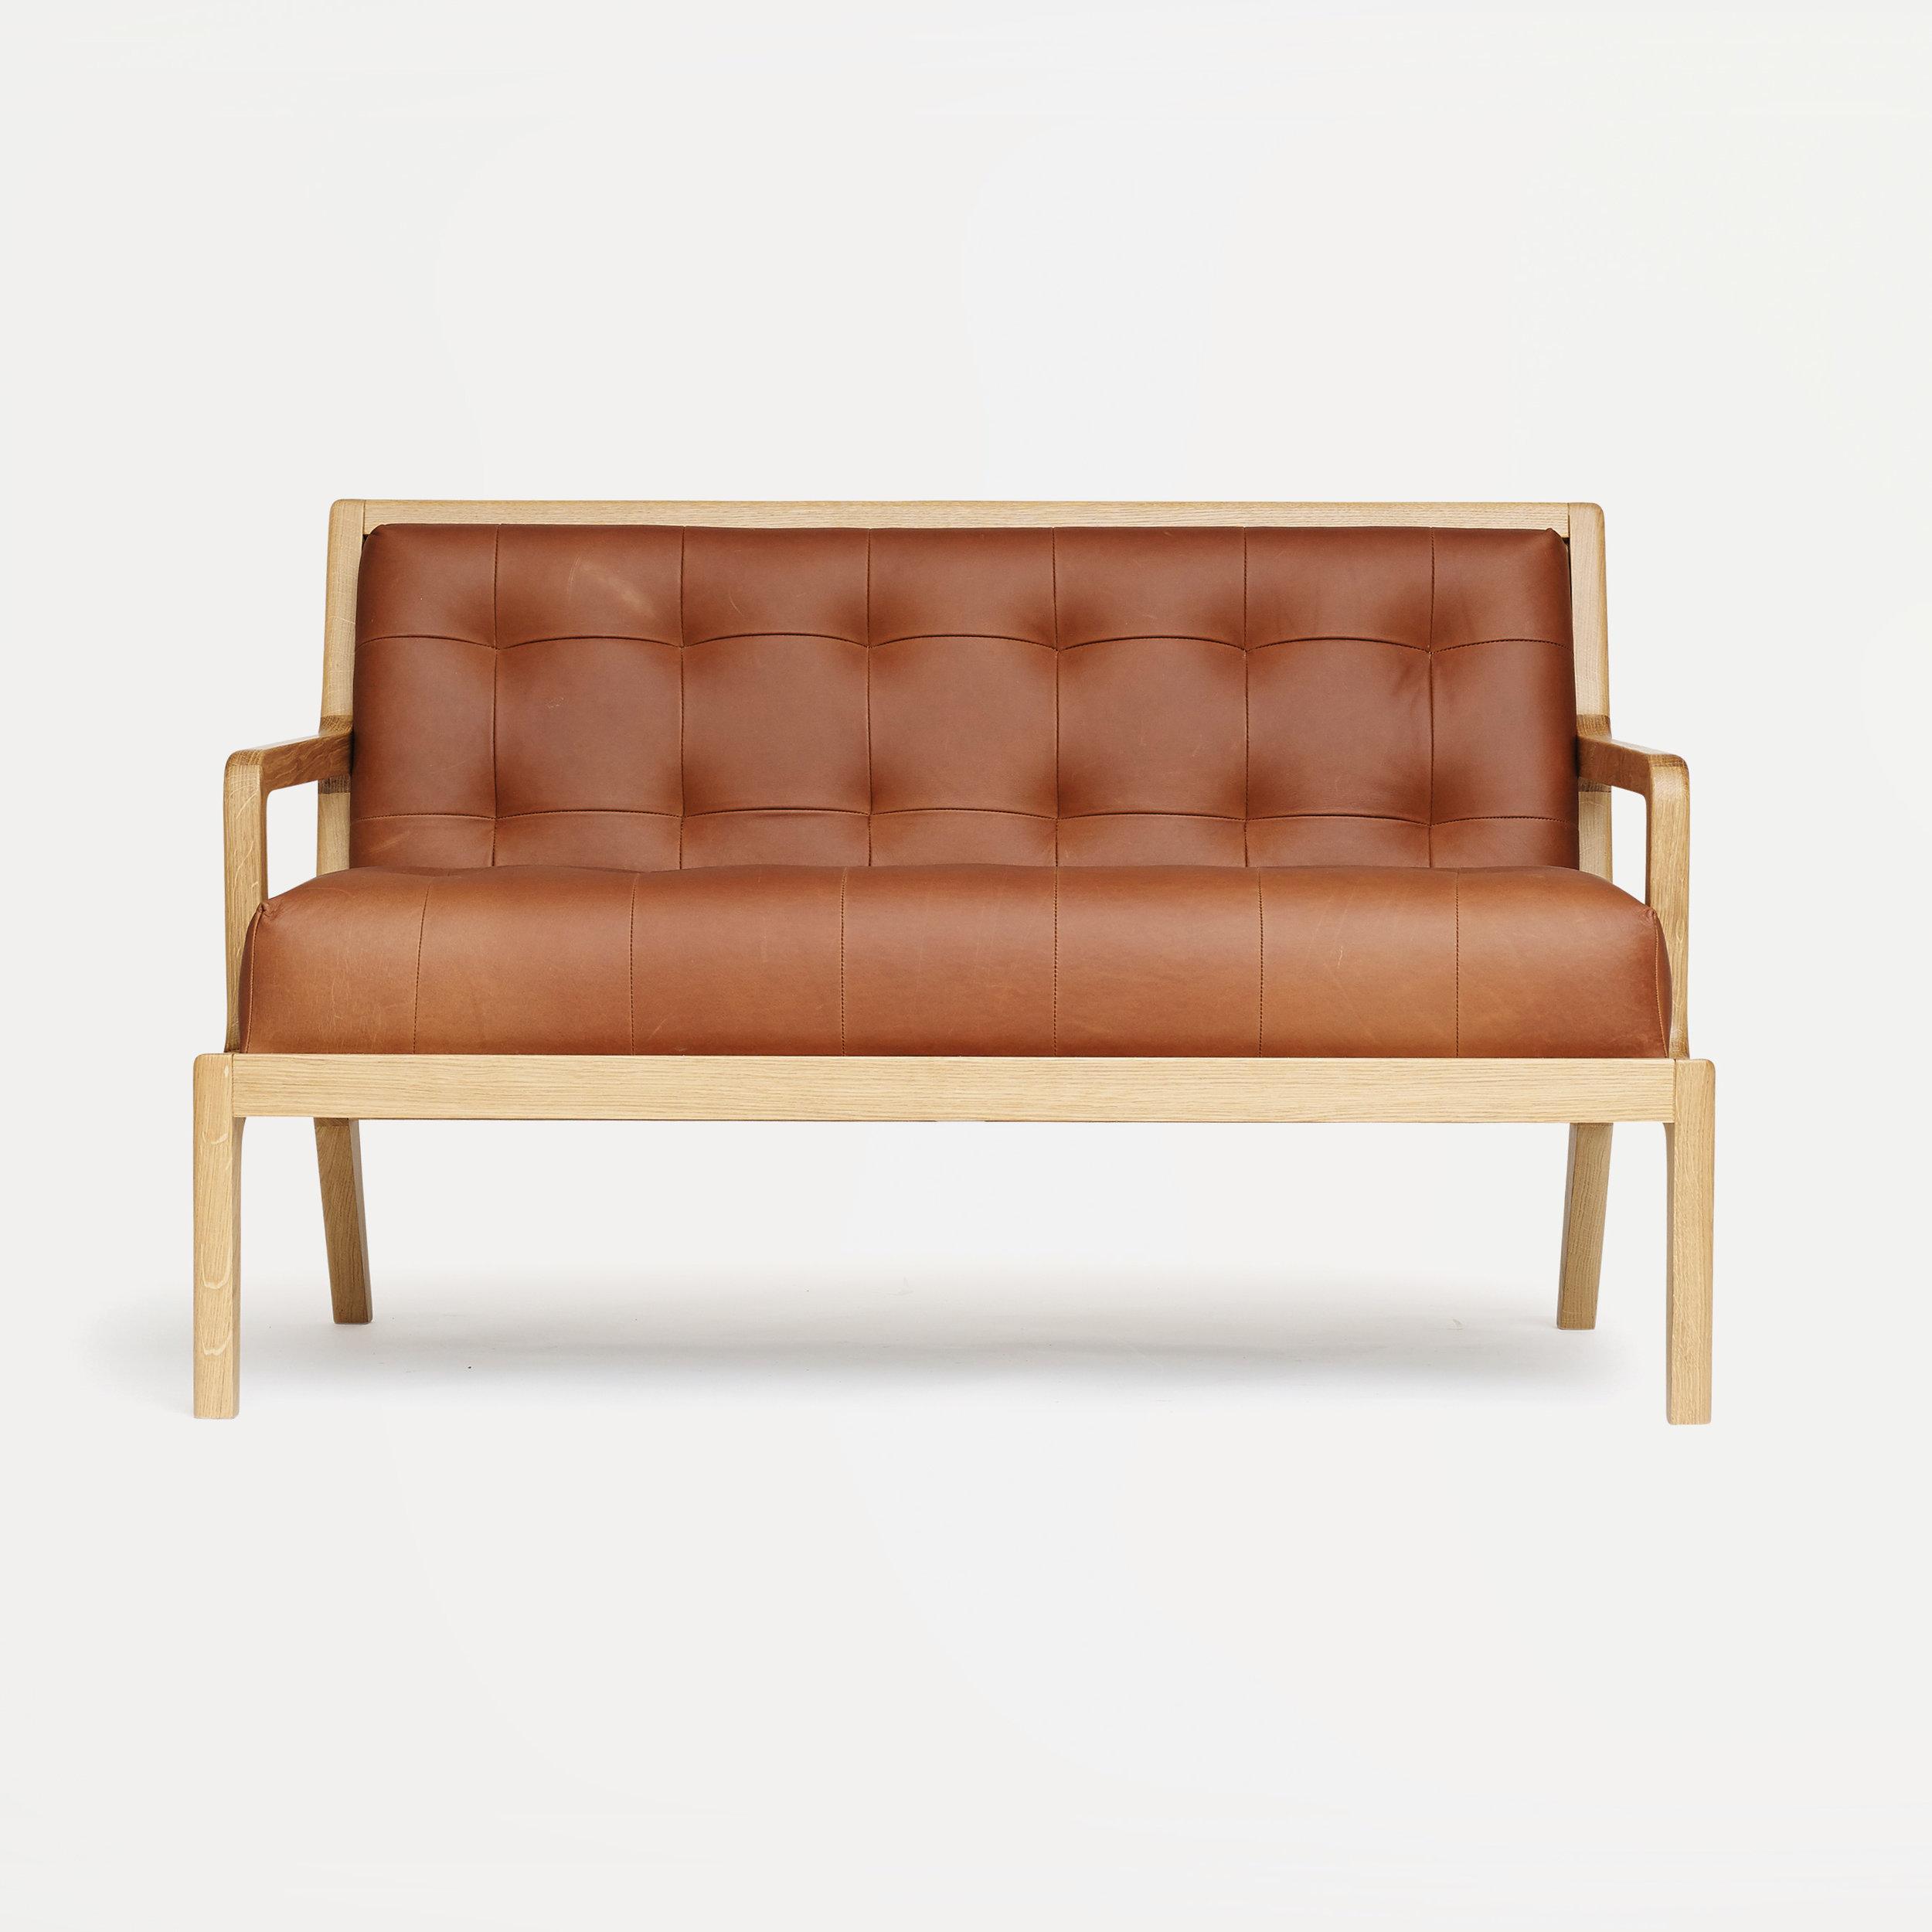 Lucan-Double-Armchair-2 - Copy.jpg